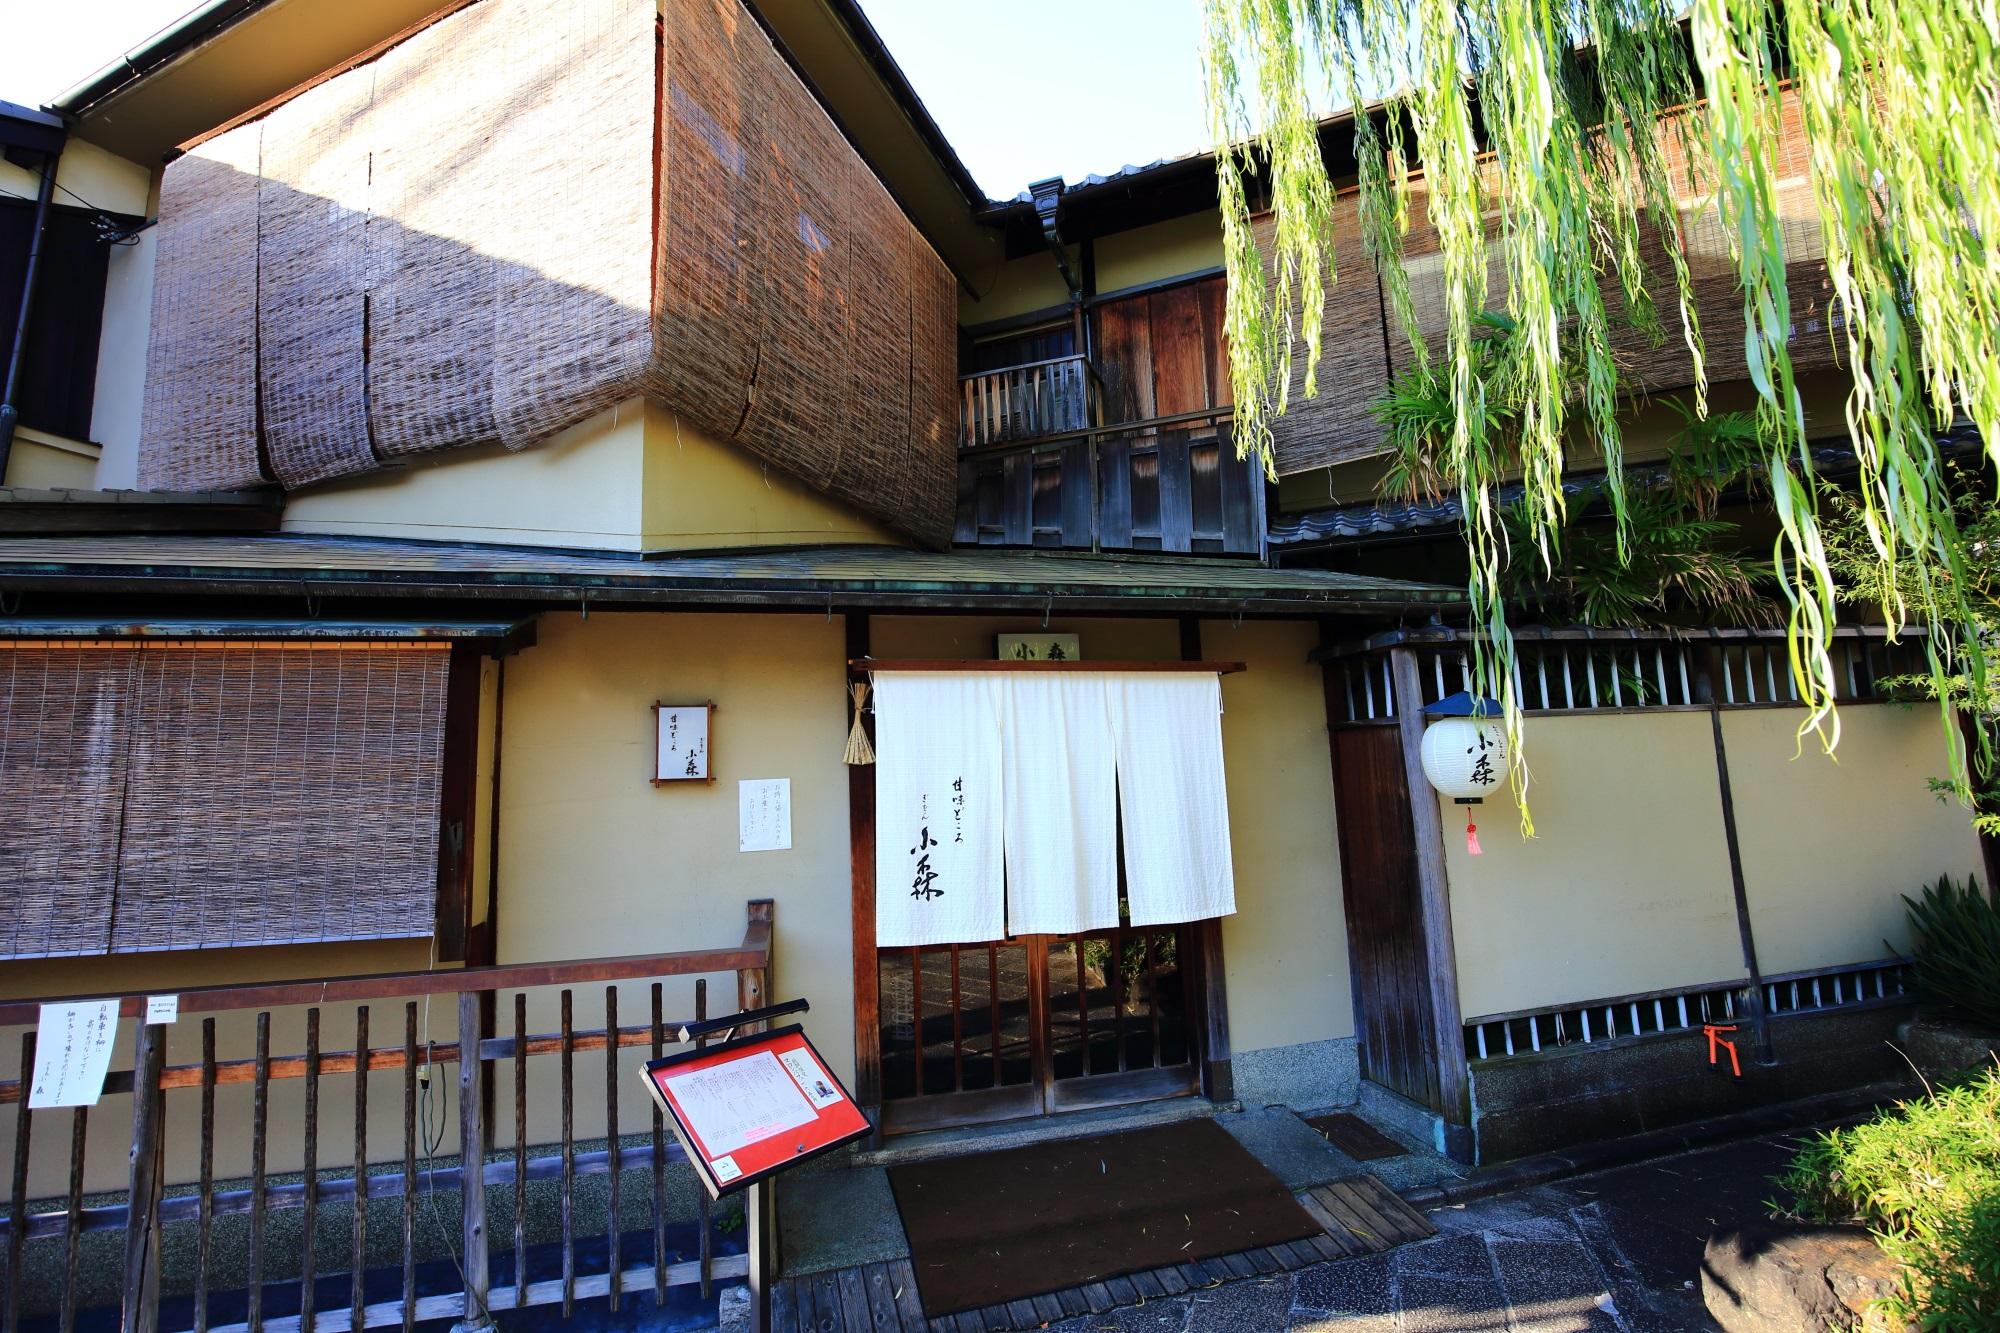 京都っぽい古風な建物のぎをん小森